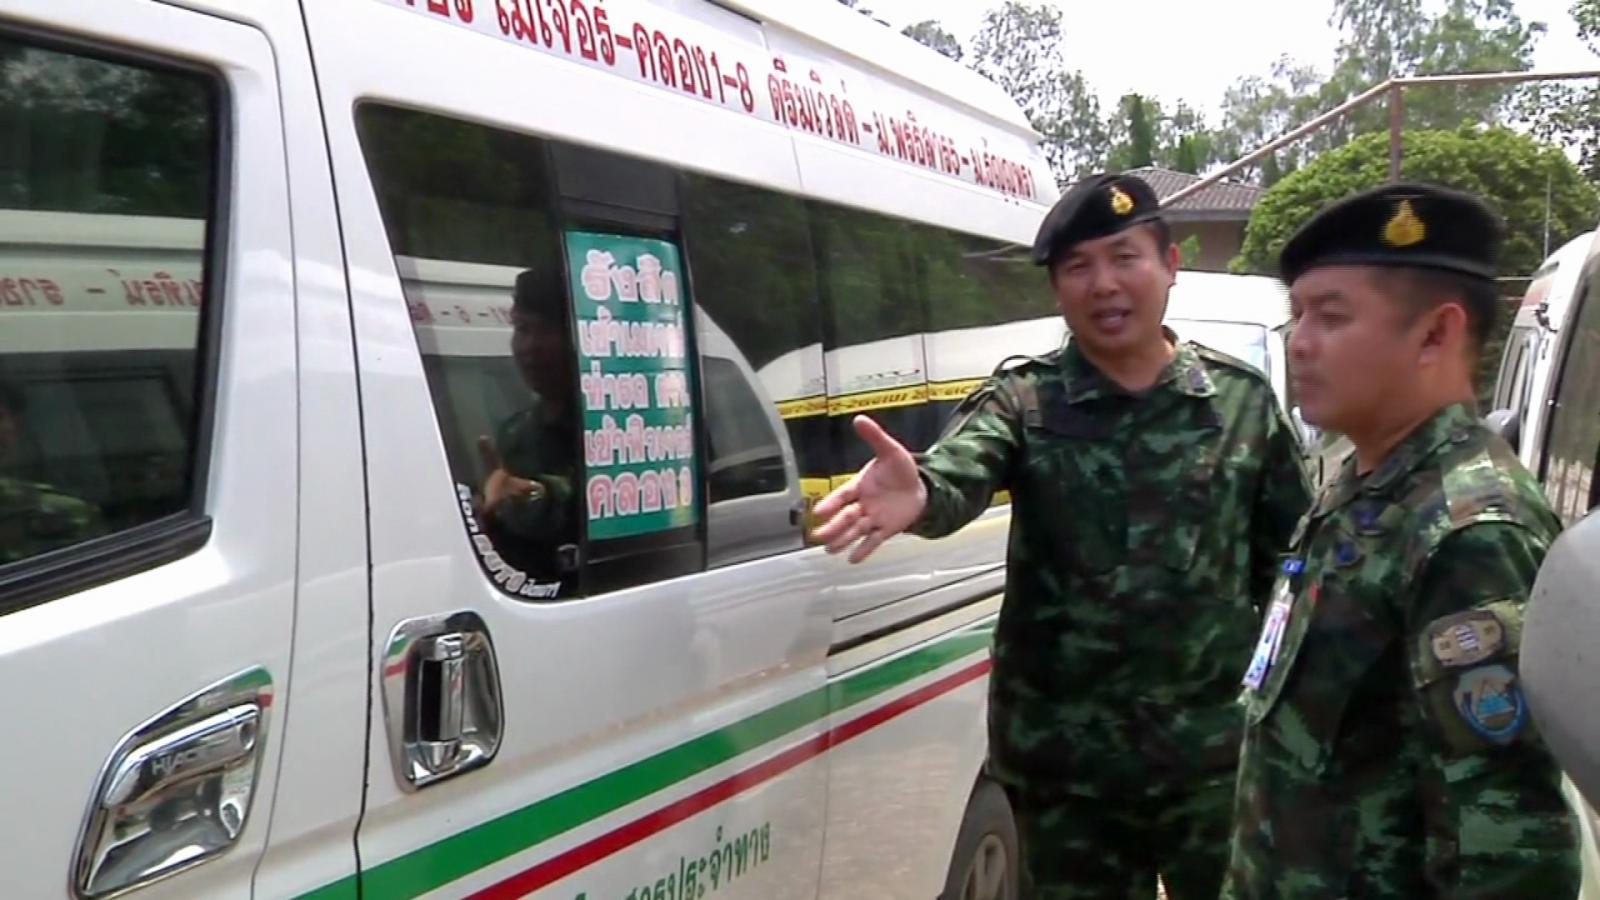 จนท.สนธิกำลัง รวบรถตู้โดยสารผิดกฎหมายกว่า 20 คัน จ.ปทุมธานี